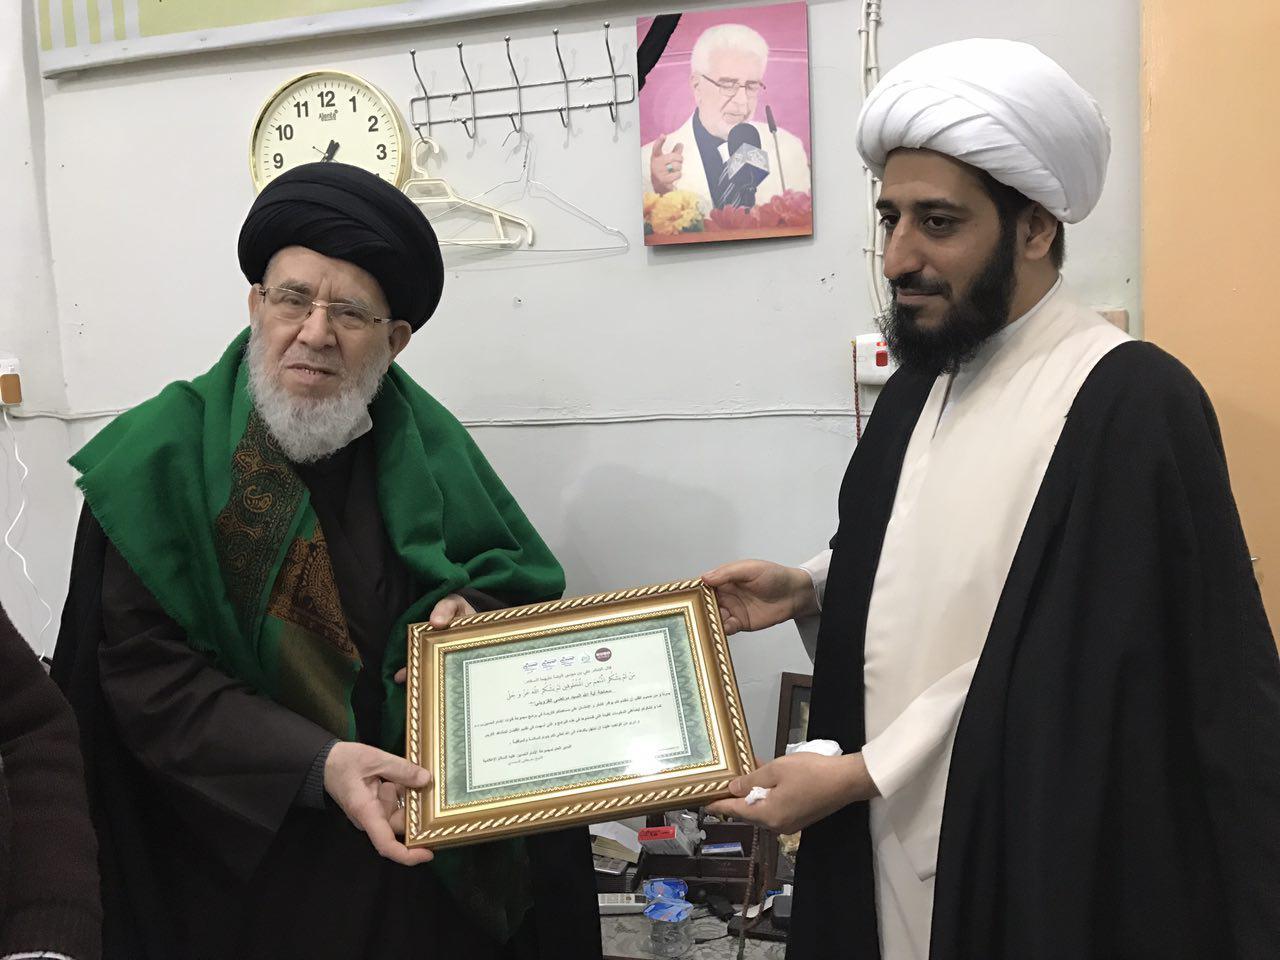 صورة ادارة قنوات الامام الحسين عليه السلام  الفضائية تكرم امام الجماعة في الحرم الحسيني الشريف